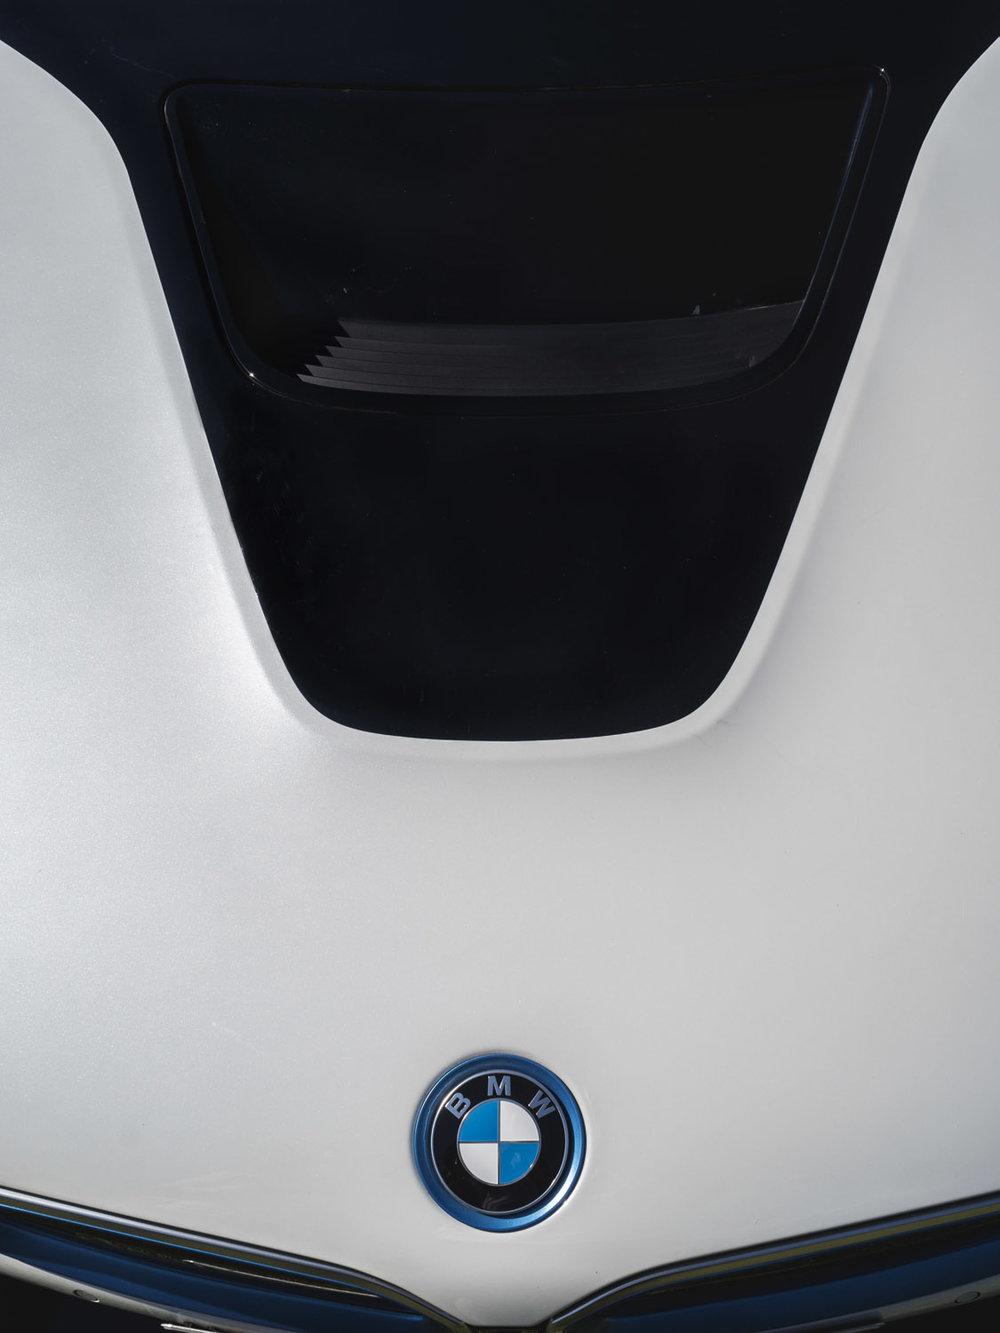 BMW I8 - Press